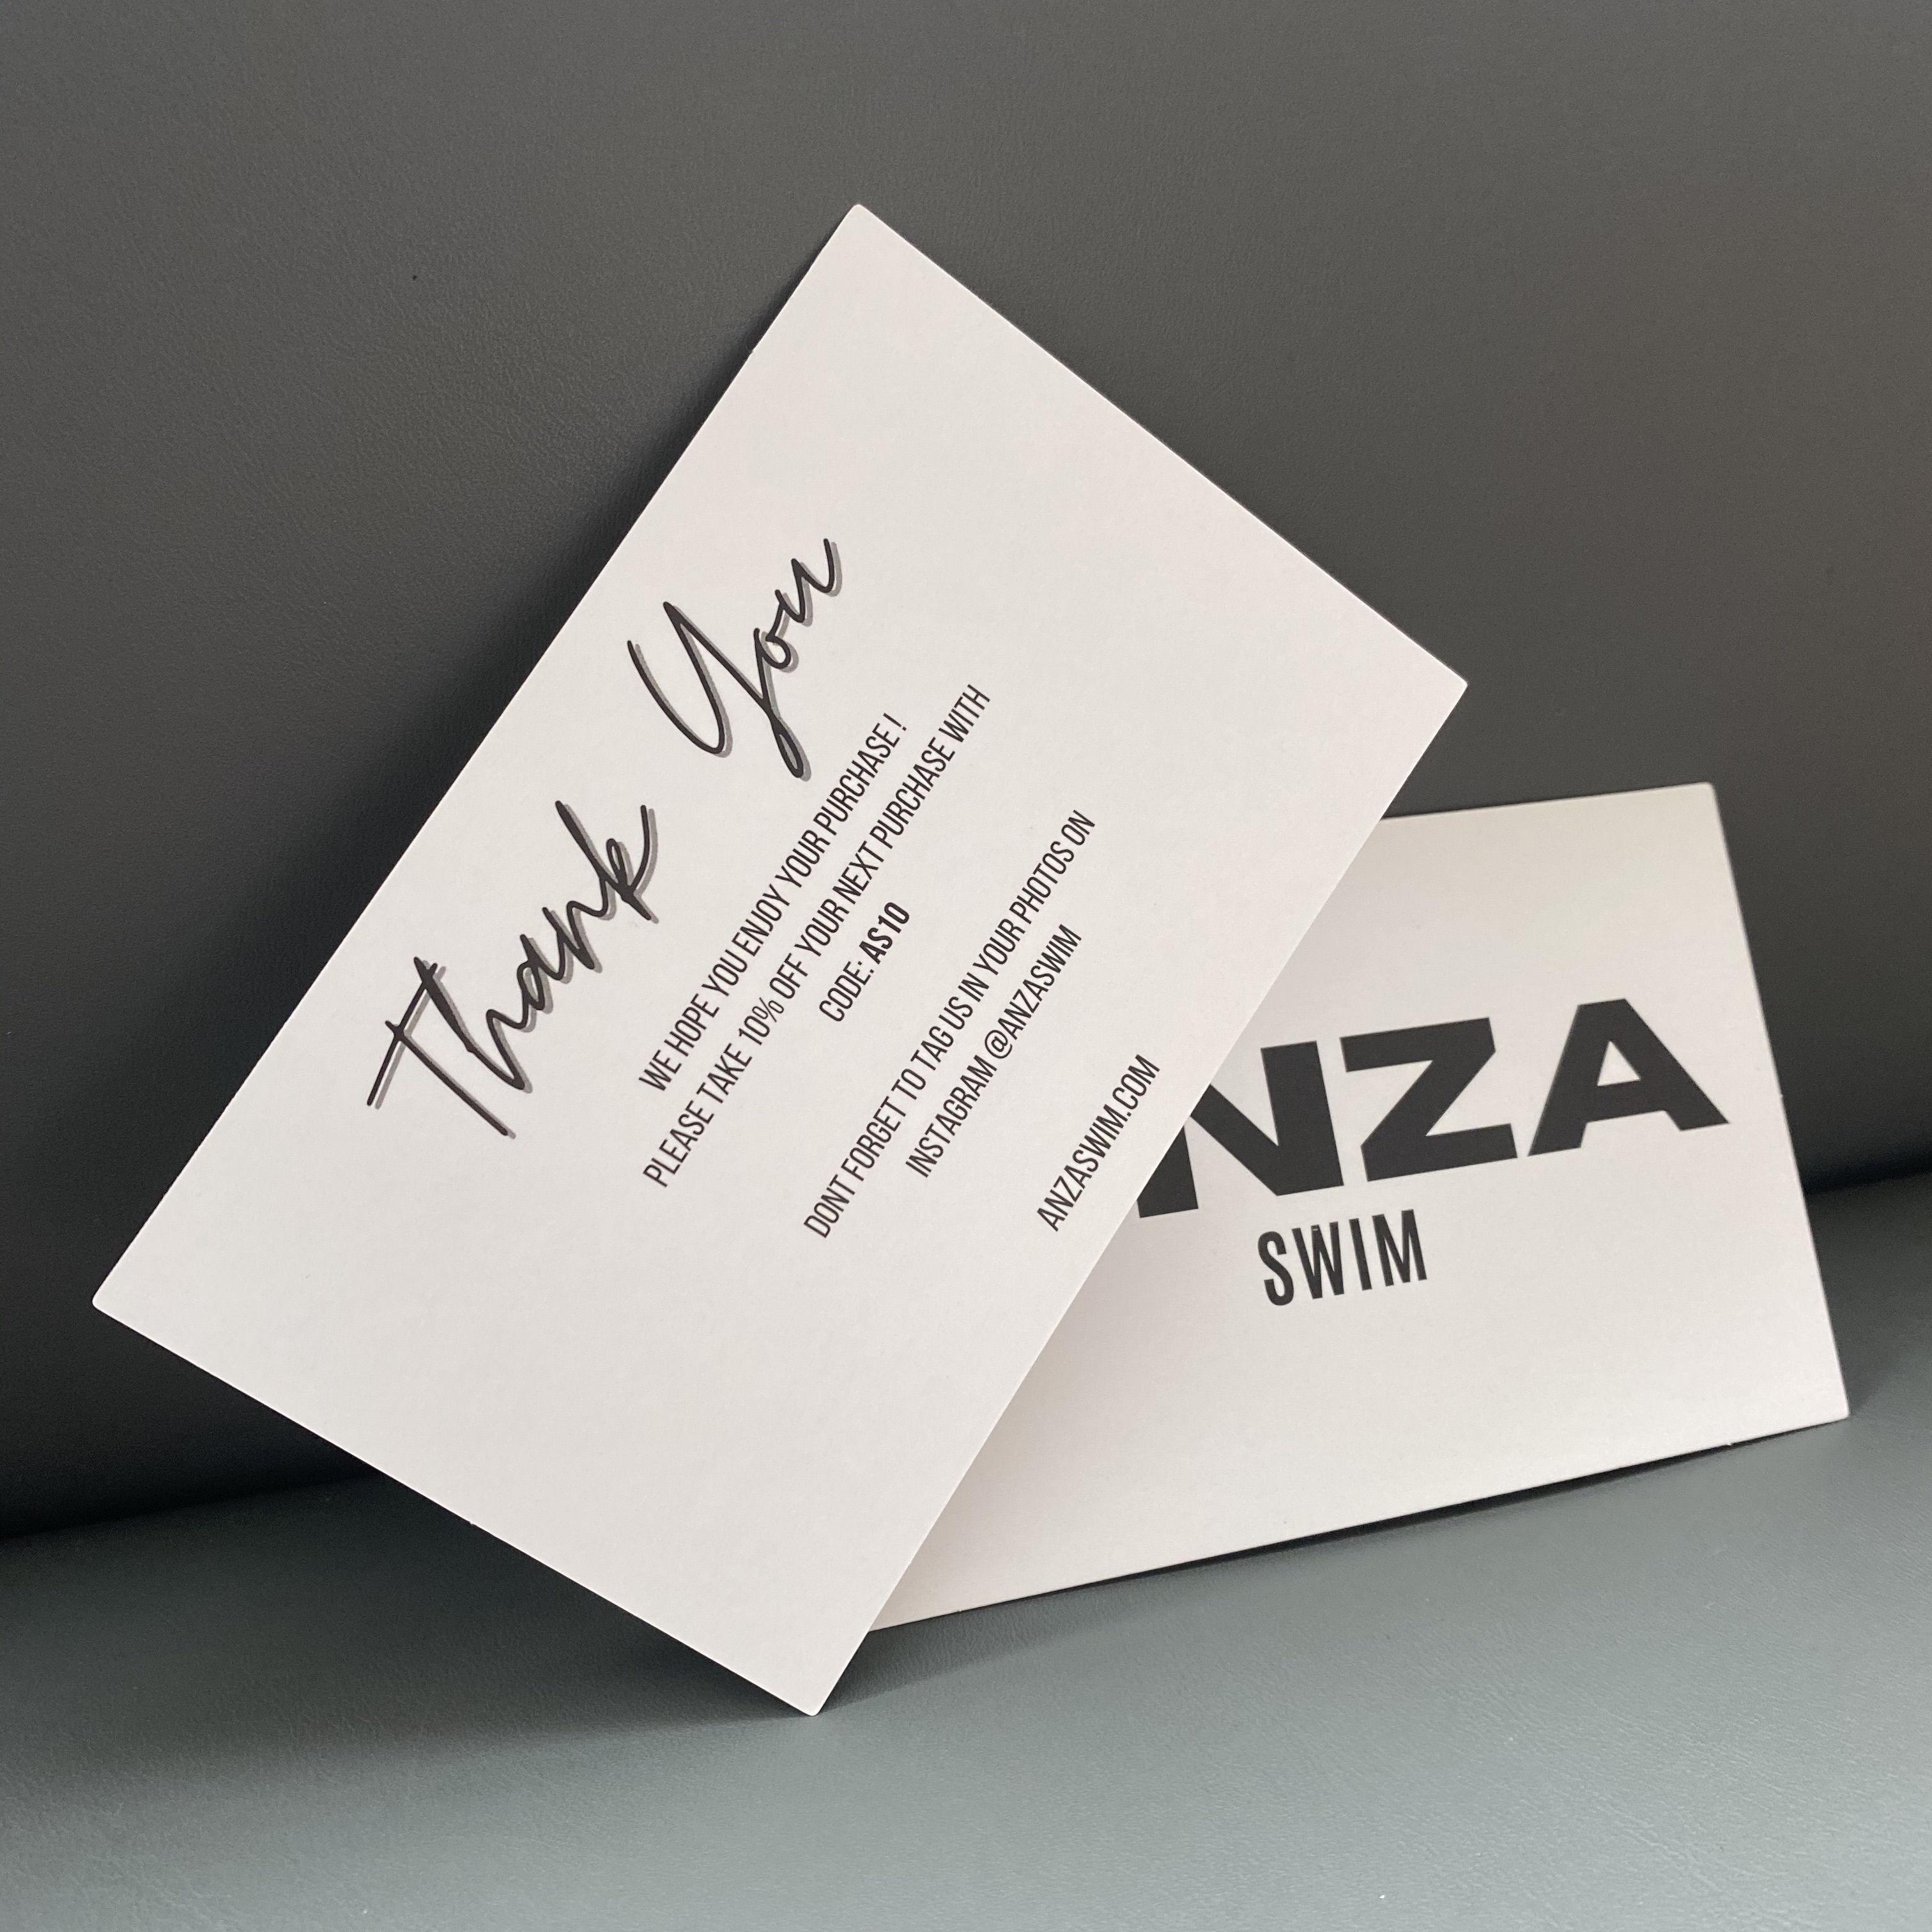 Высококачественная Черная поздравительная открытка на заказ, штамп из тисненой золотой фольги, спасибо